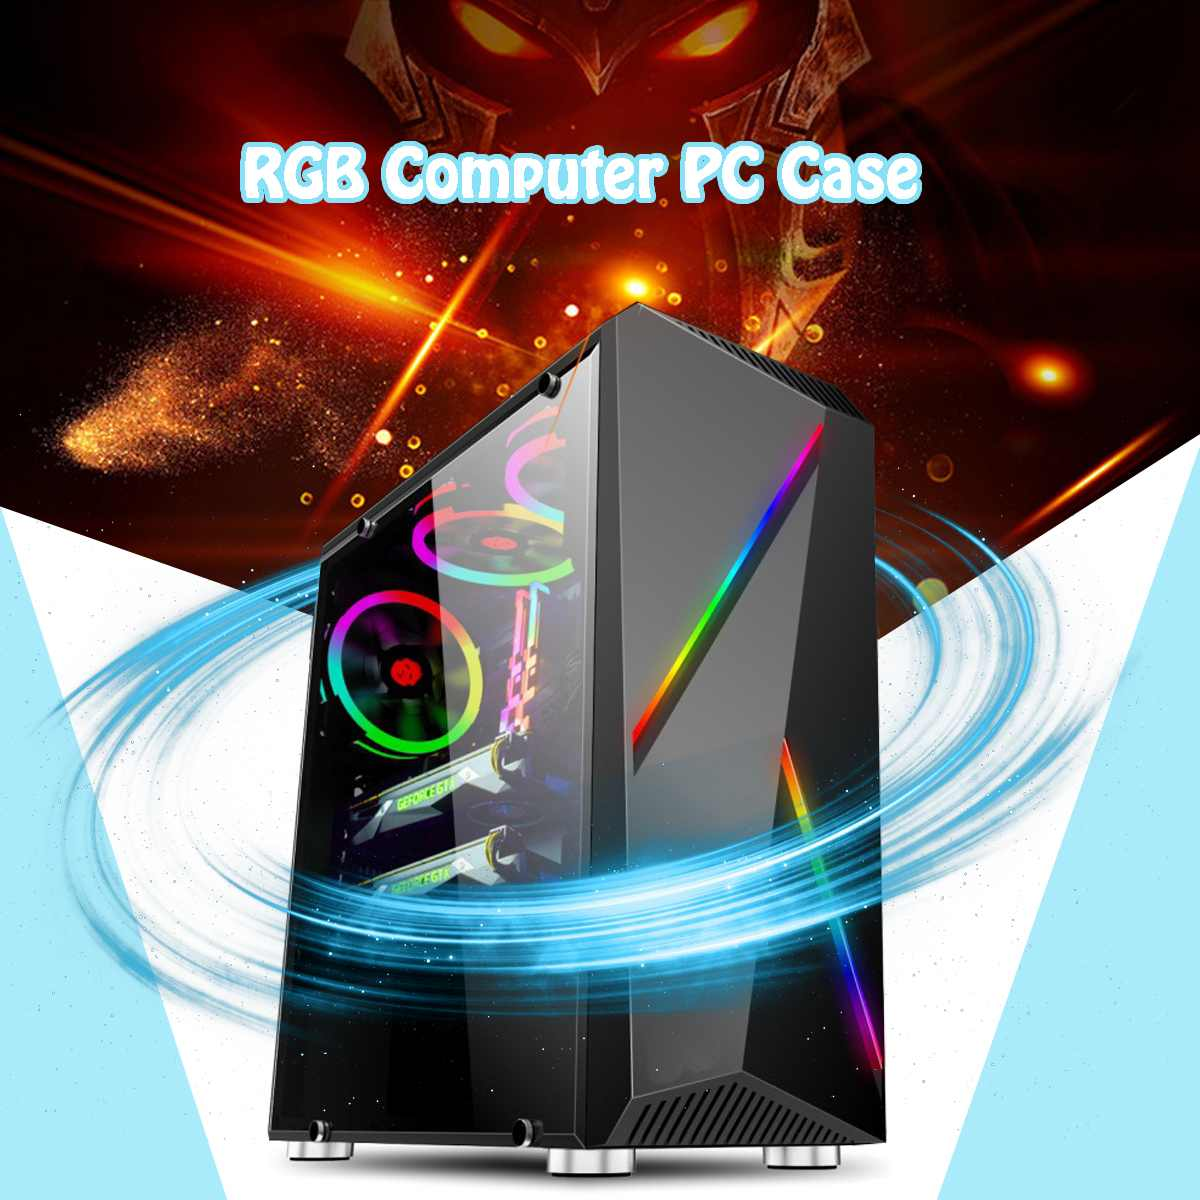 LEORY Transparente ordinateur PC boîtier de jeu tour ATX Audio avec 2 RGB couleur changeante bandes lumineuses 350X170X420mm